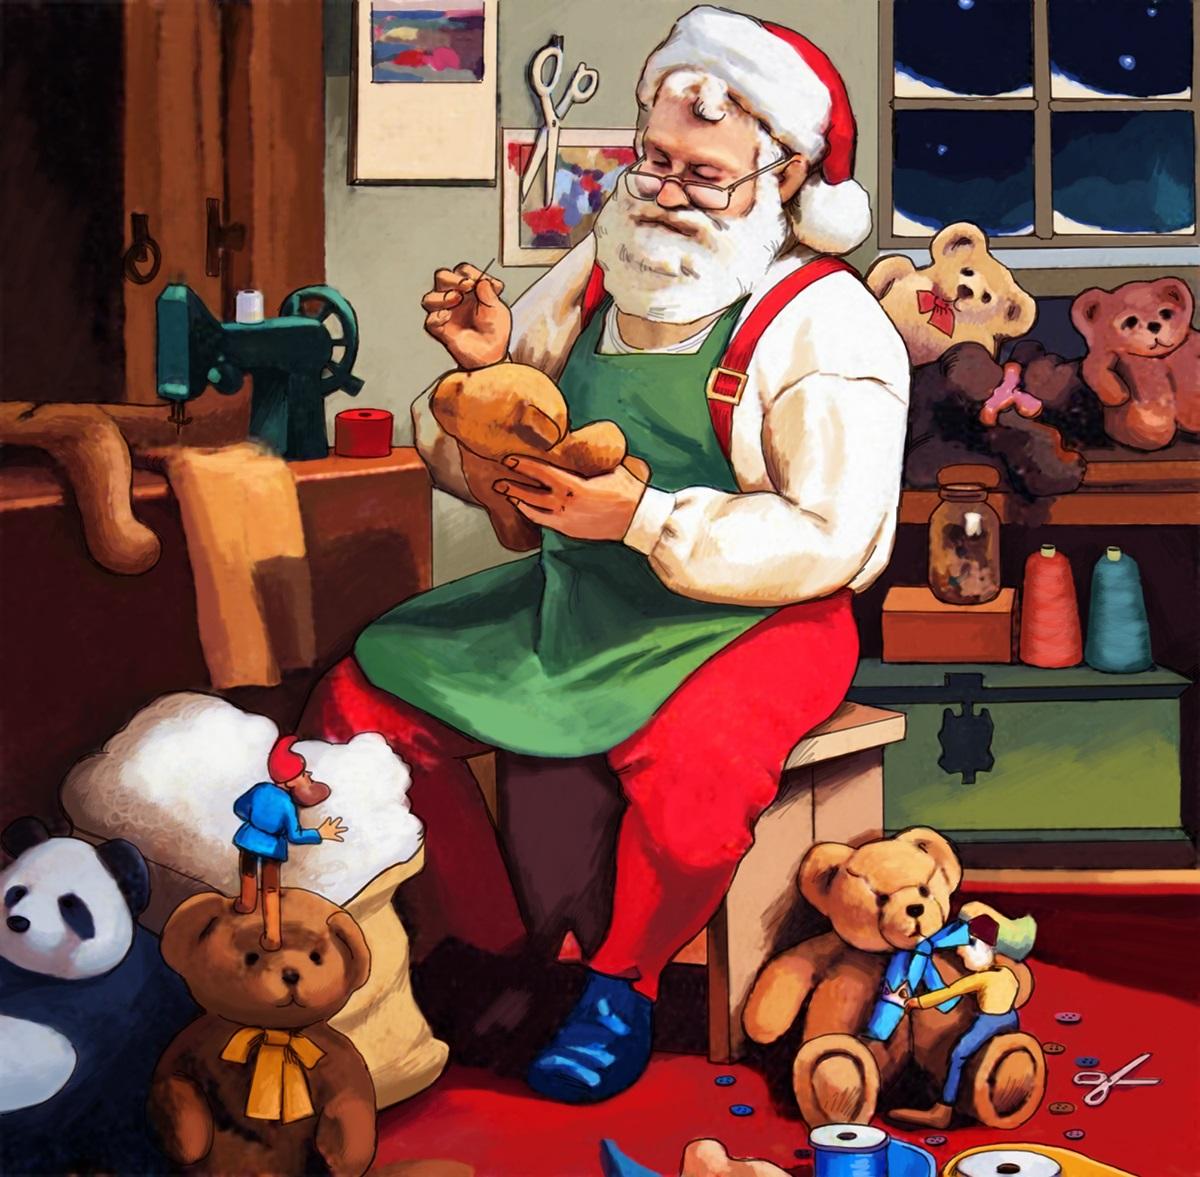 Салфетки бумажные Gratias Дед Мороз, трехслойные, 33 х 33 см, 20 шт90380Трехслойные бумажные салфетки Gratias Дед Мороз, выполненные из натуральной целлюлозы, станут отличным дополнением любого праздничного стола. Они отличаются необычной мягкостью и прочностью. Размер листа: 33 х 33 см. Количество слоев: 3.